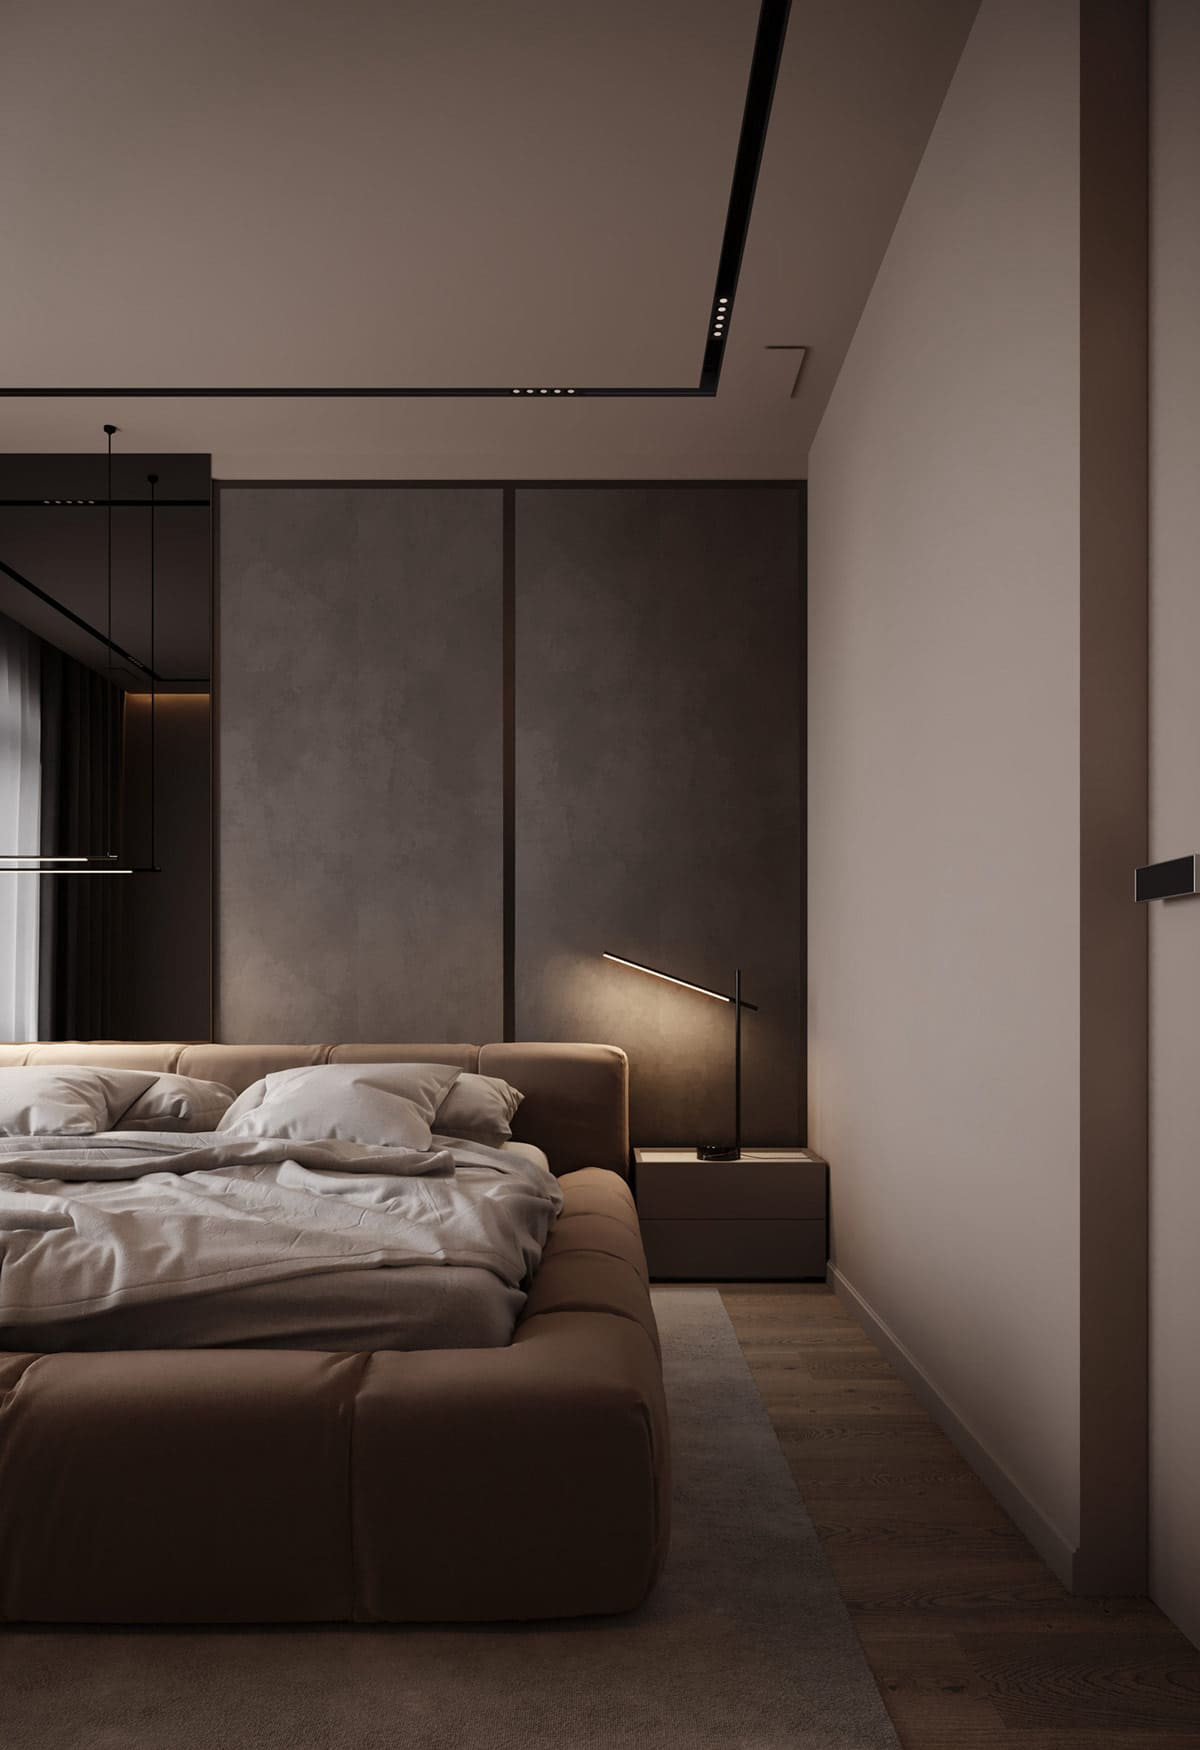 design d'intérieur d'un appartement à la mode photo 6